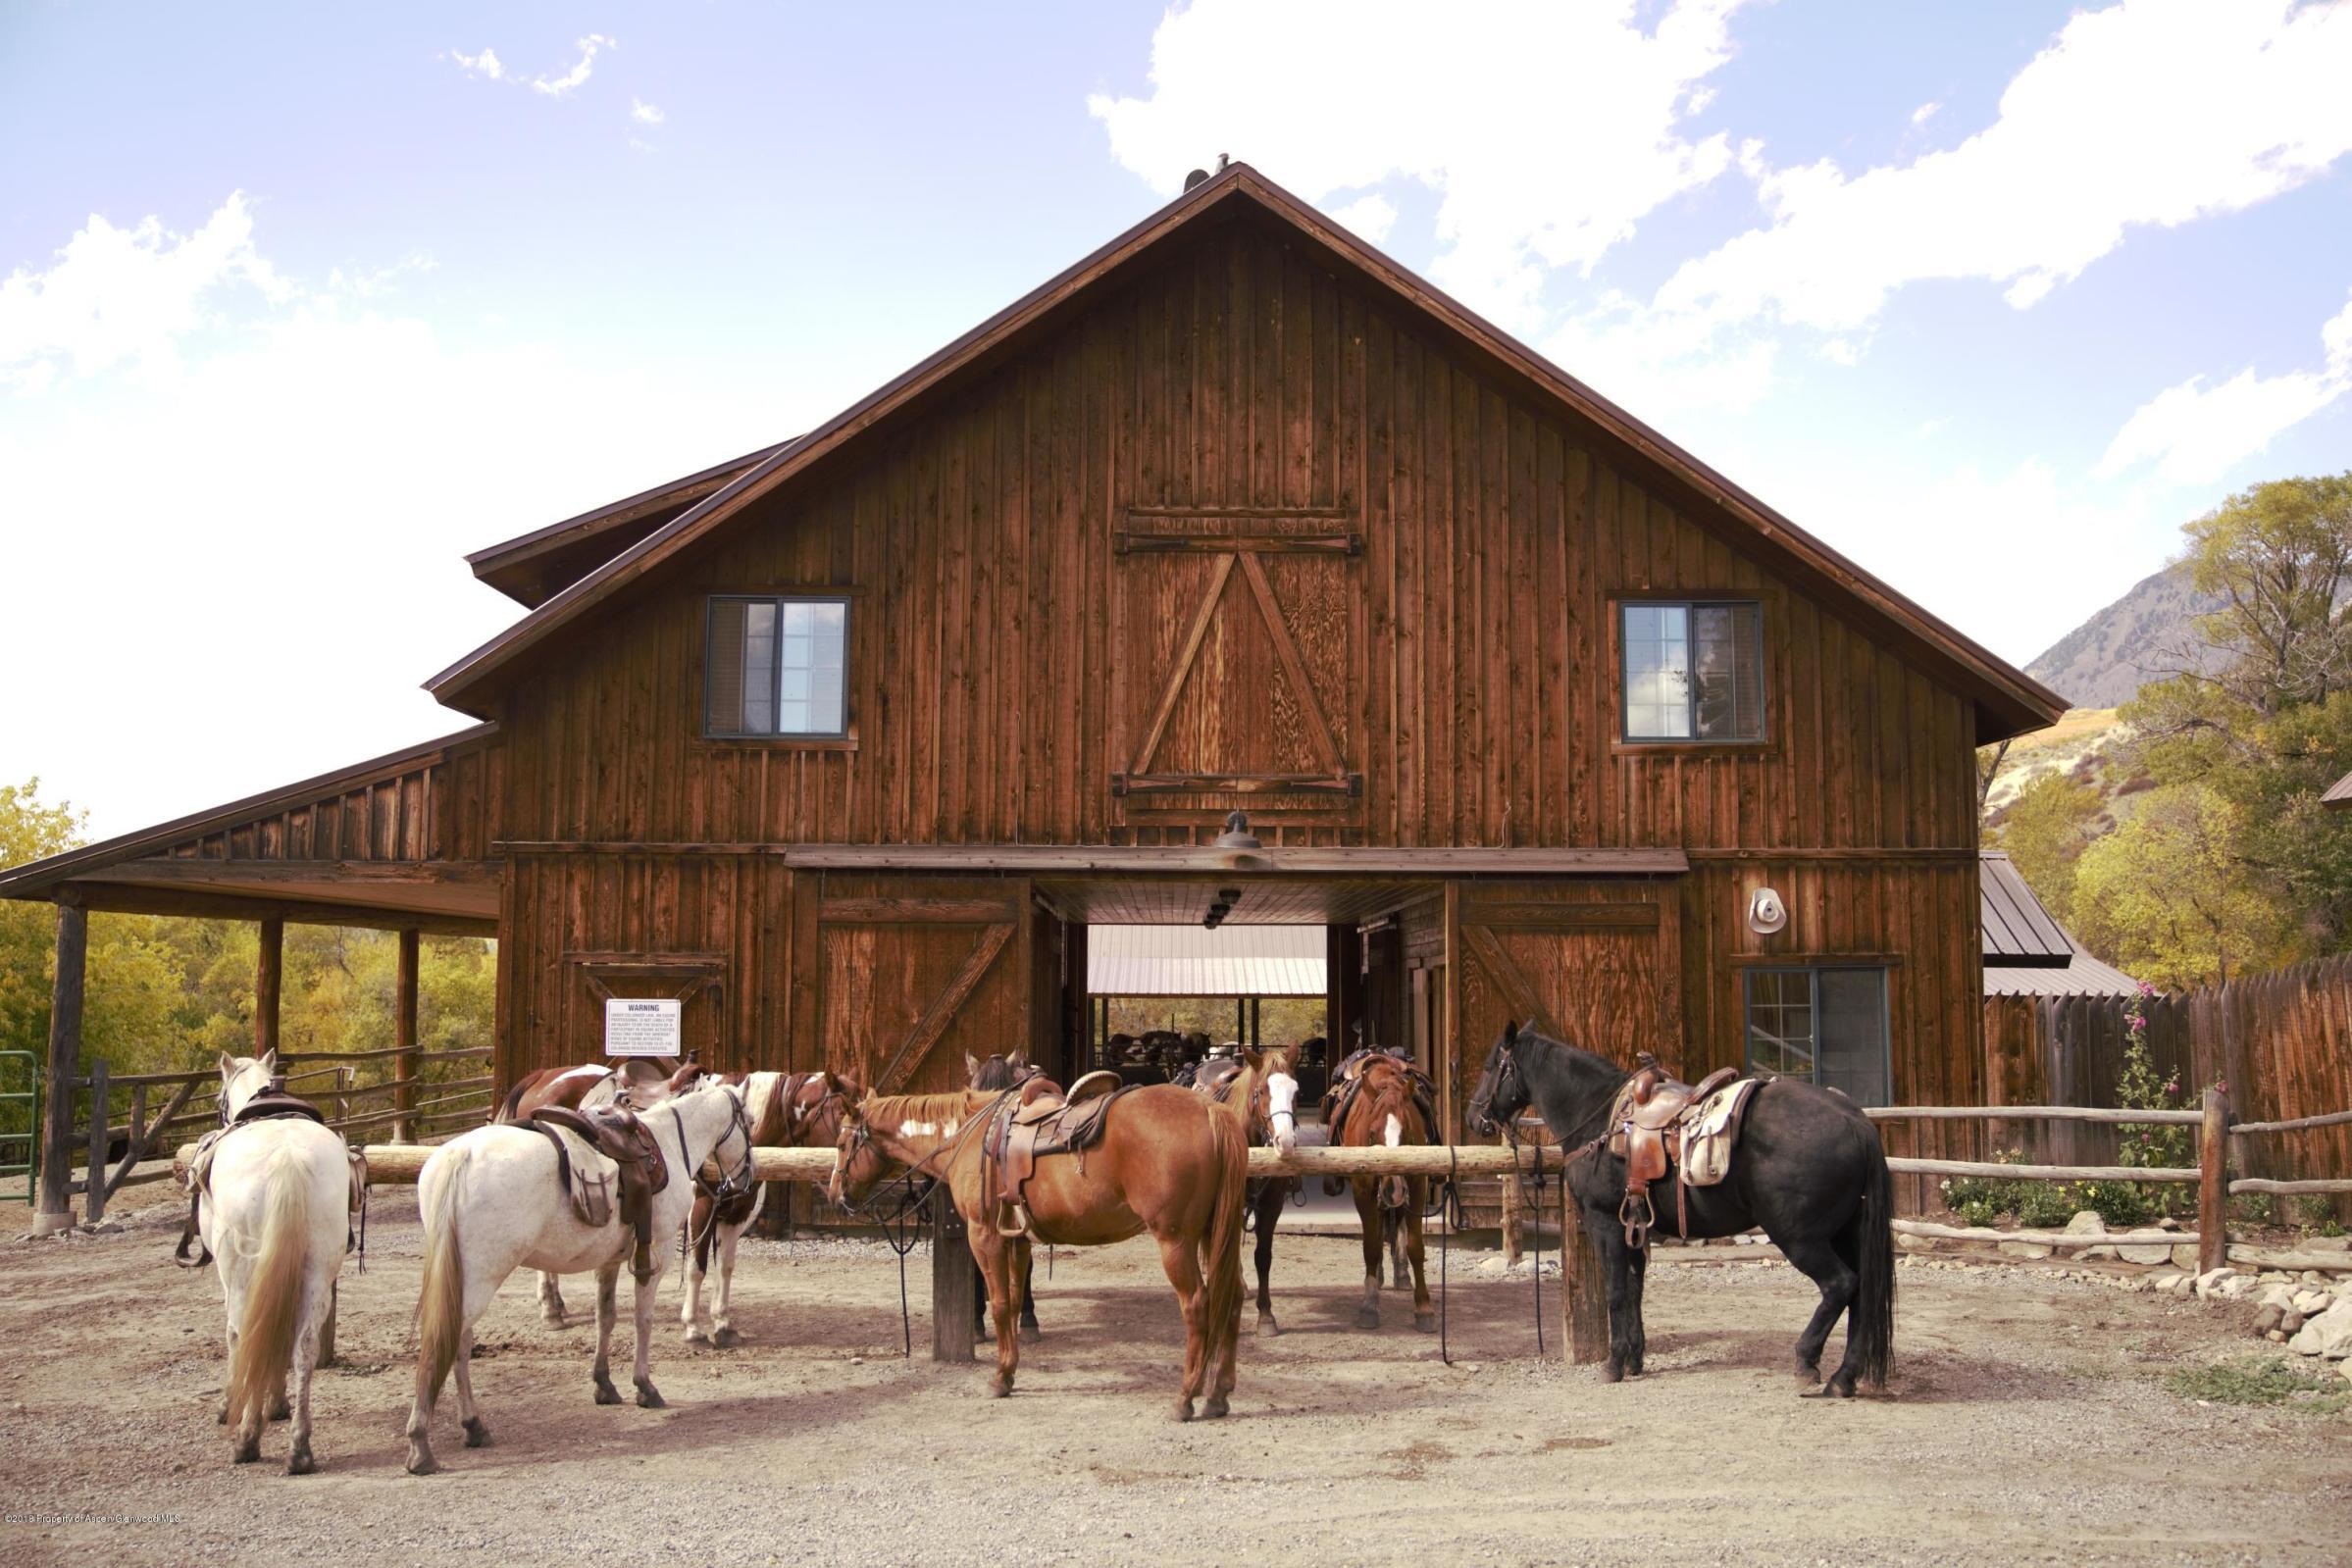 Proud Horses at the Tack Barn